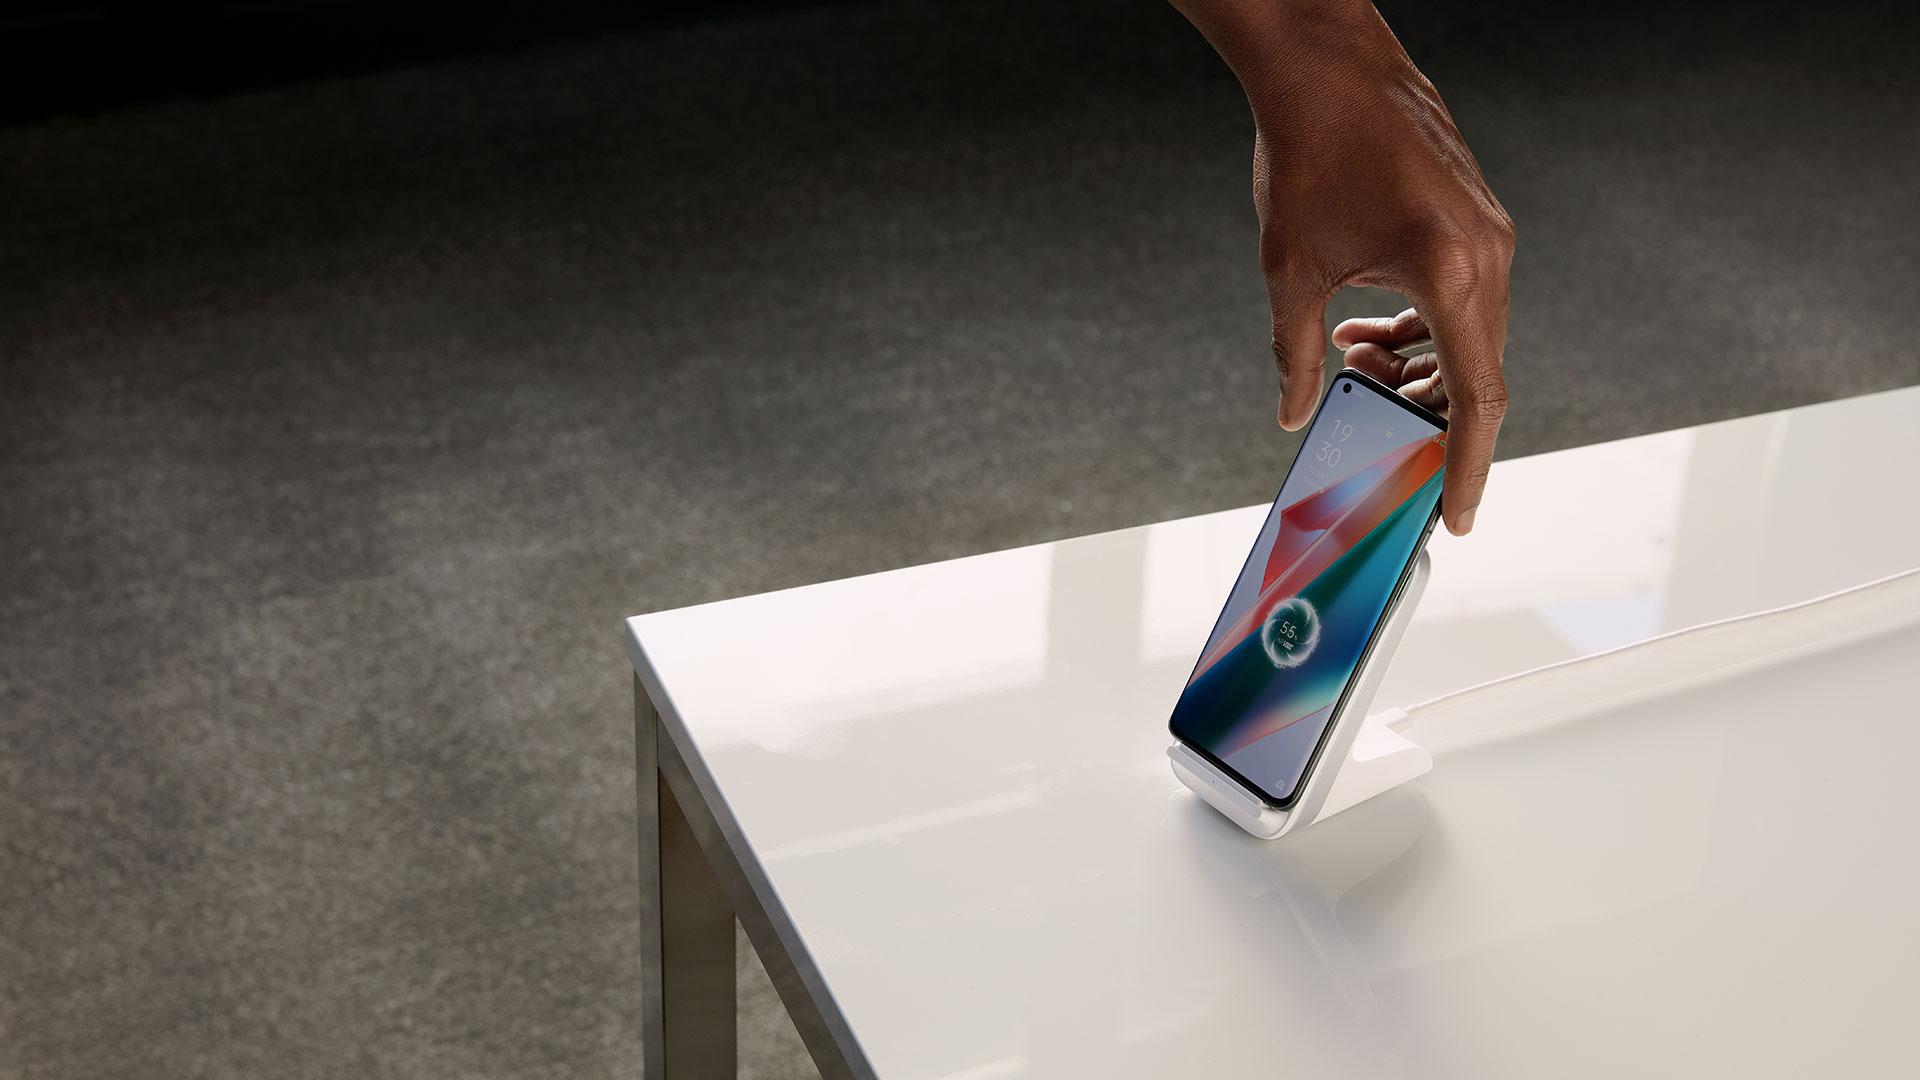 Das neue Oppo Find X3 Pro 5G lädt in einer Station kabellos.